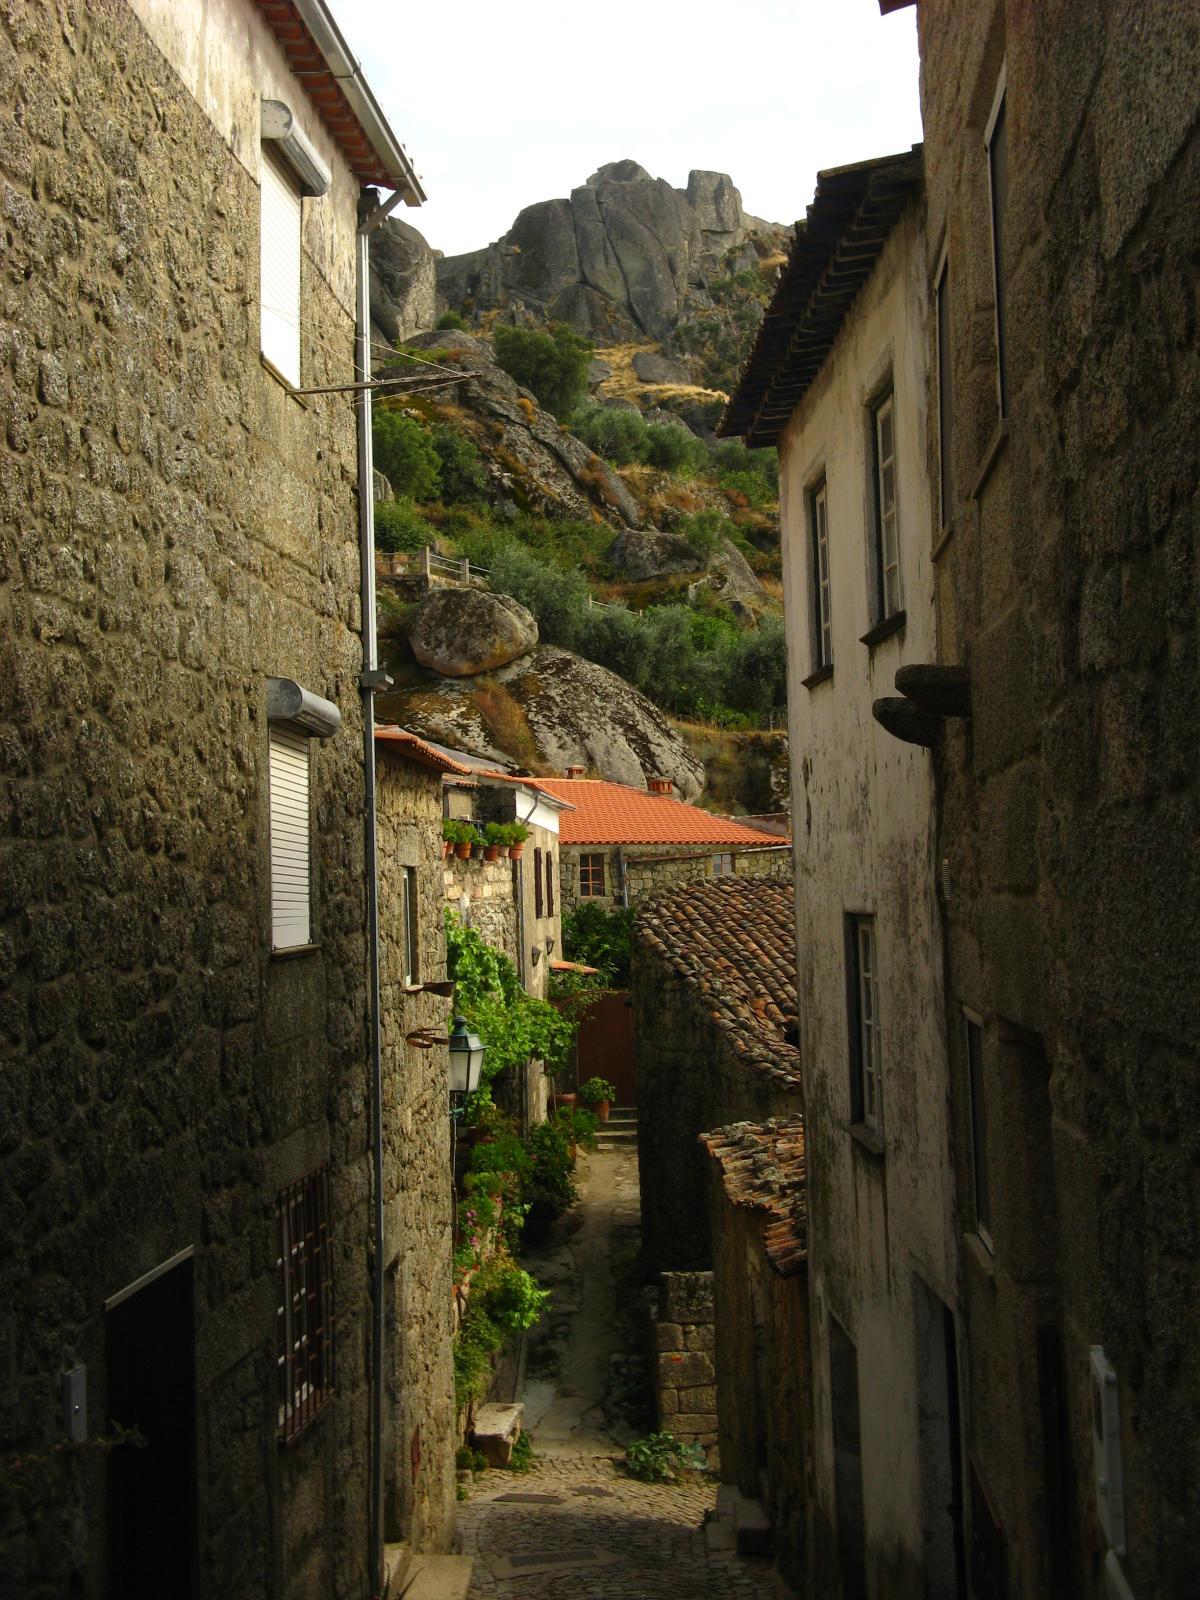 Aldeias Históricas de Portugal são o único destino em rede, no mundo, com a certificação Biosphere Destination